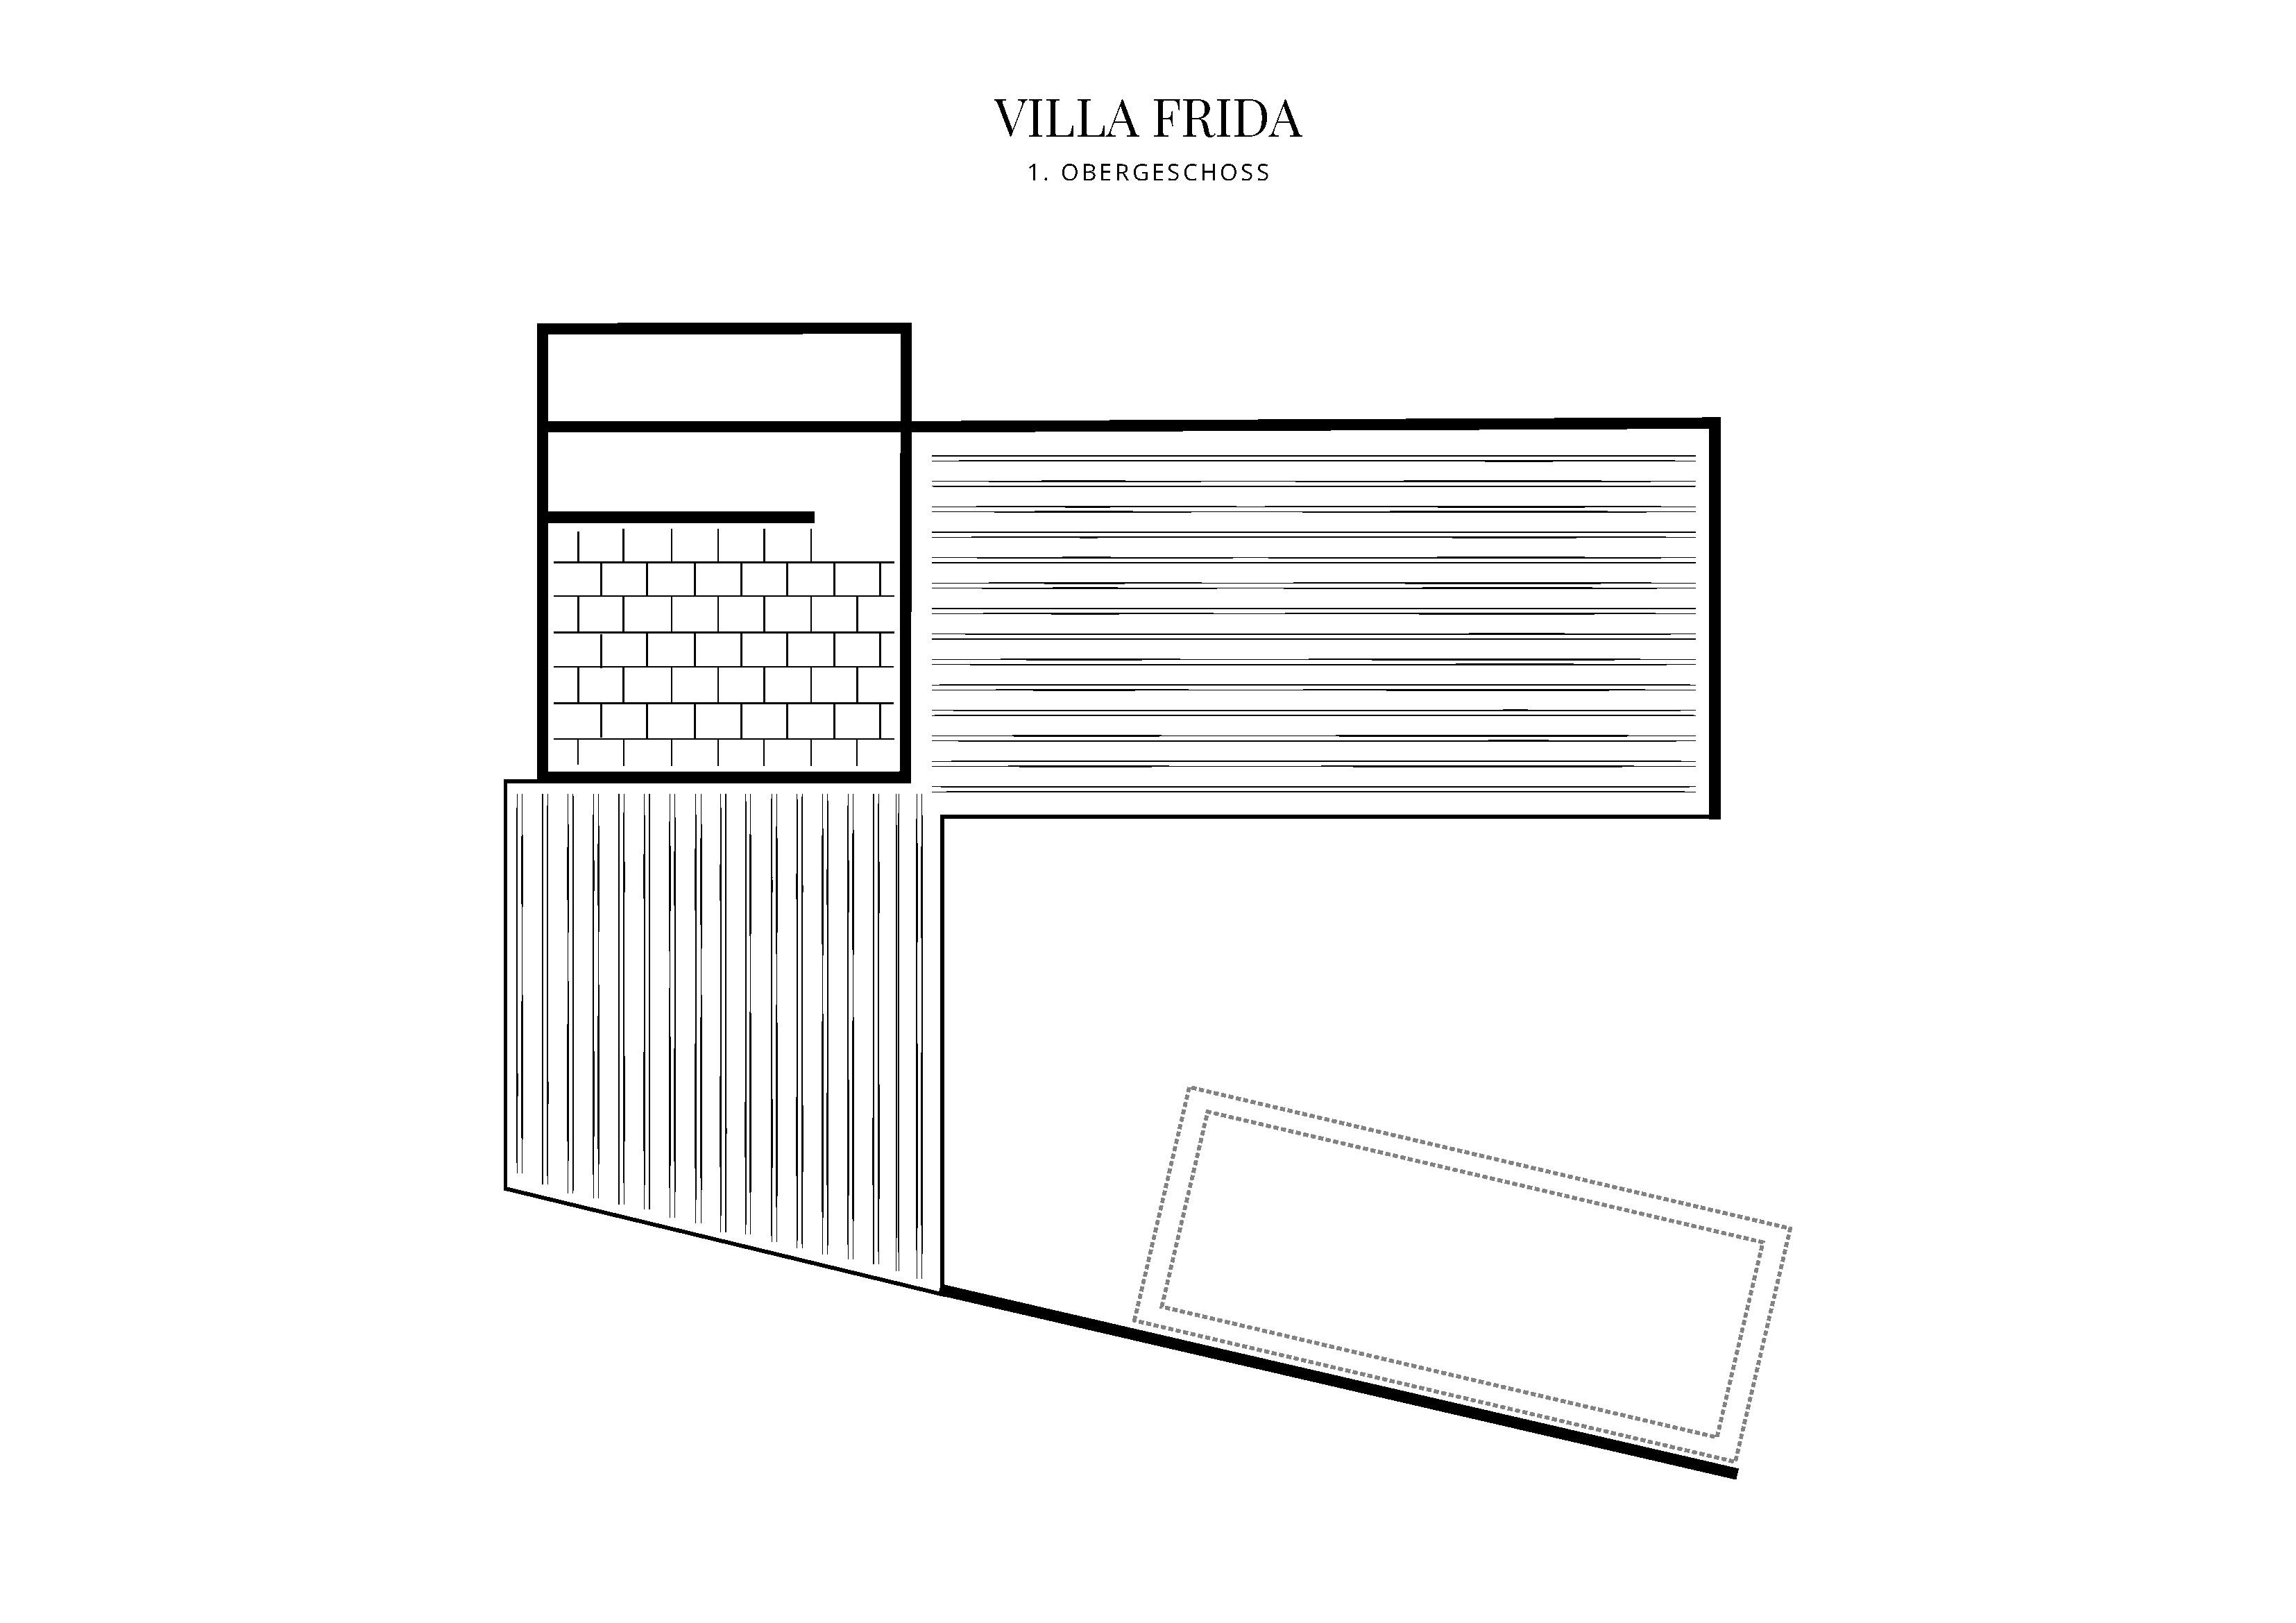 Grafik Grundriss Dachgeschoss Villa Frida